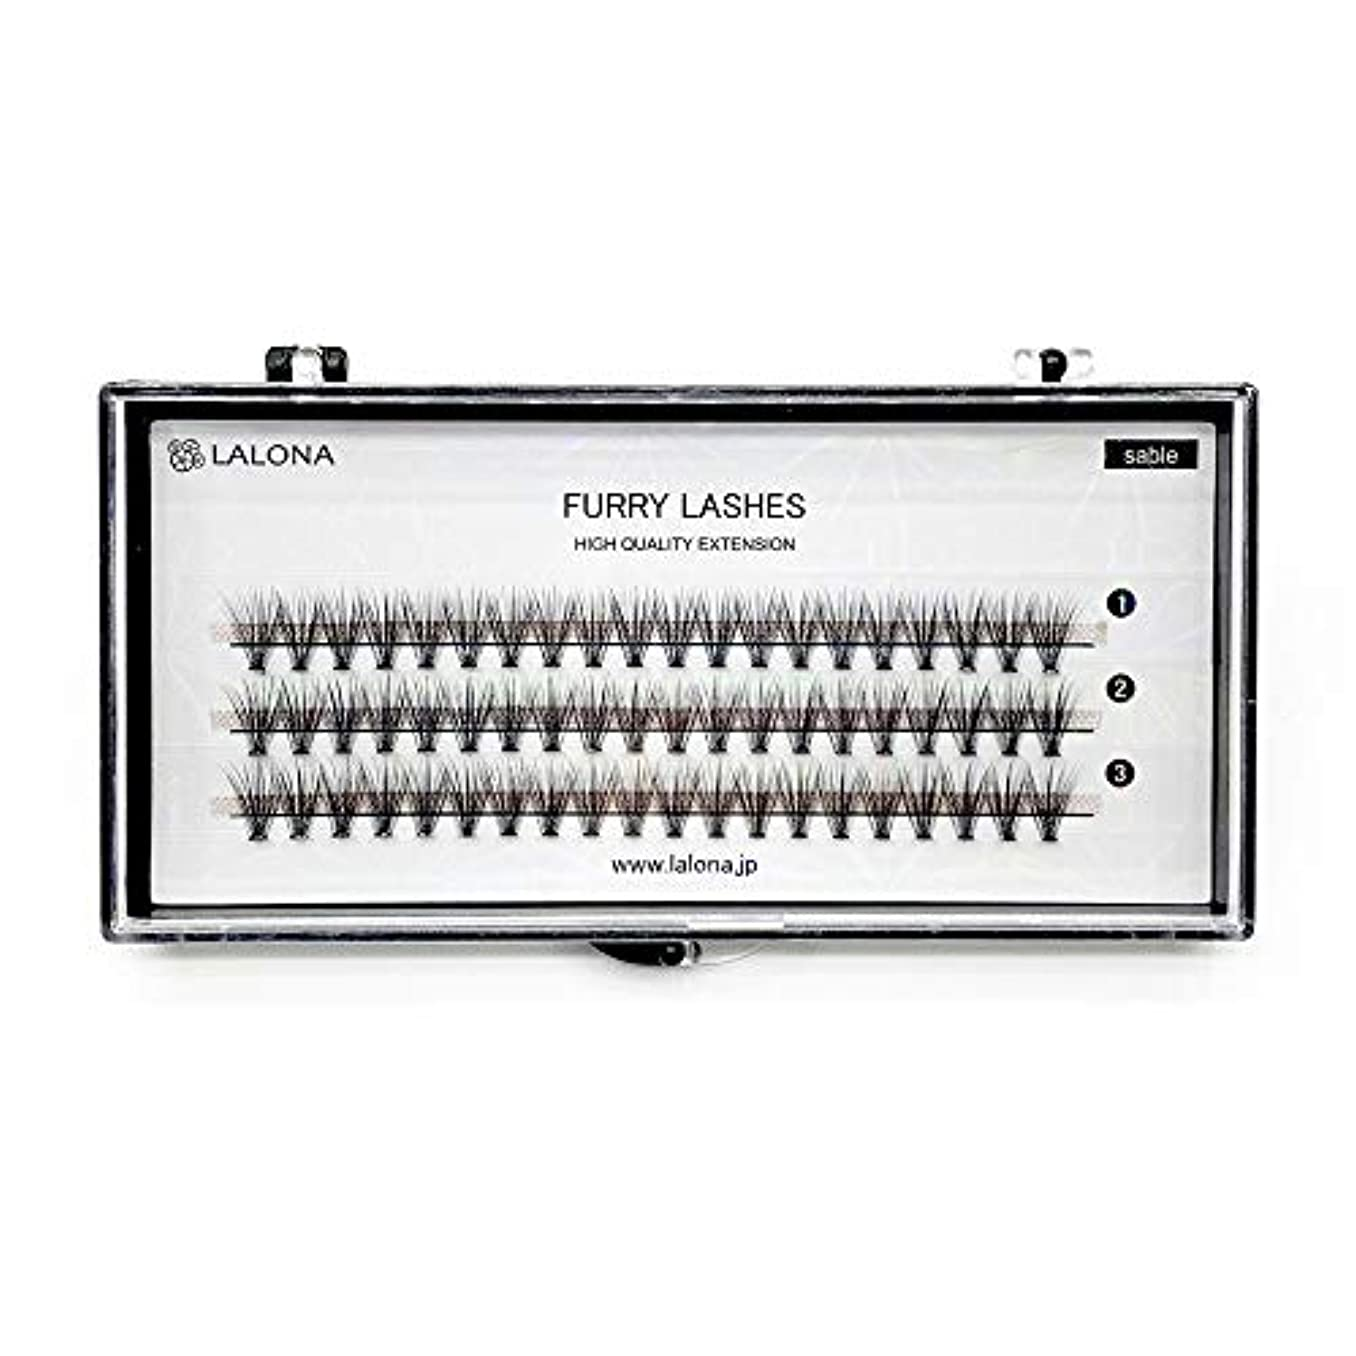 トレードさせる振りかけるLALONA [ ラローナ ] ファーリーラッシュ (30D) (60pcs) まつげエクステ 30本束 フレアラッシュ まつエク マツエク 束まつげ セーブル (0.05 / MIX)